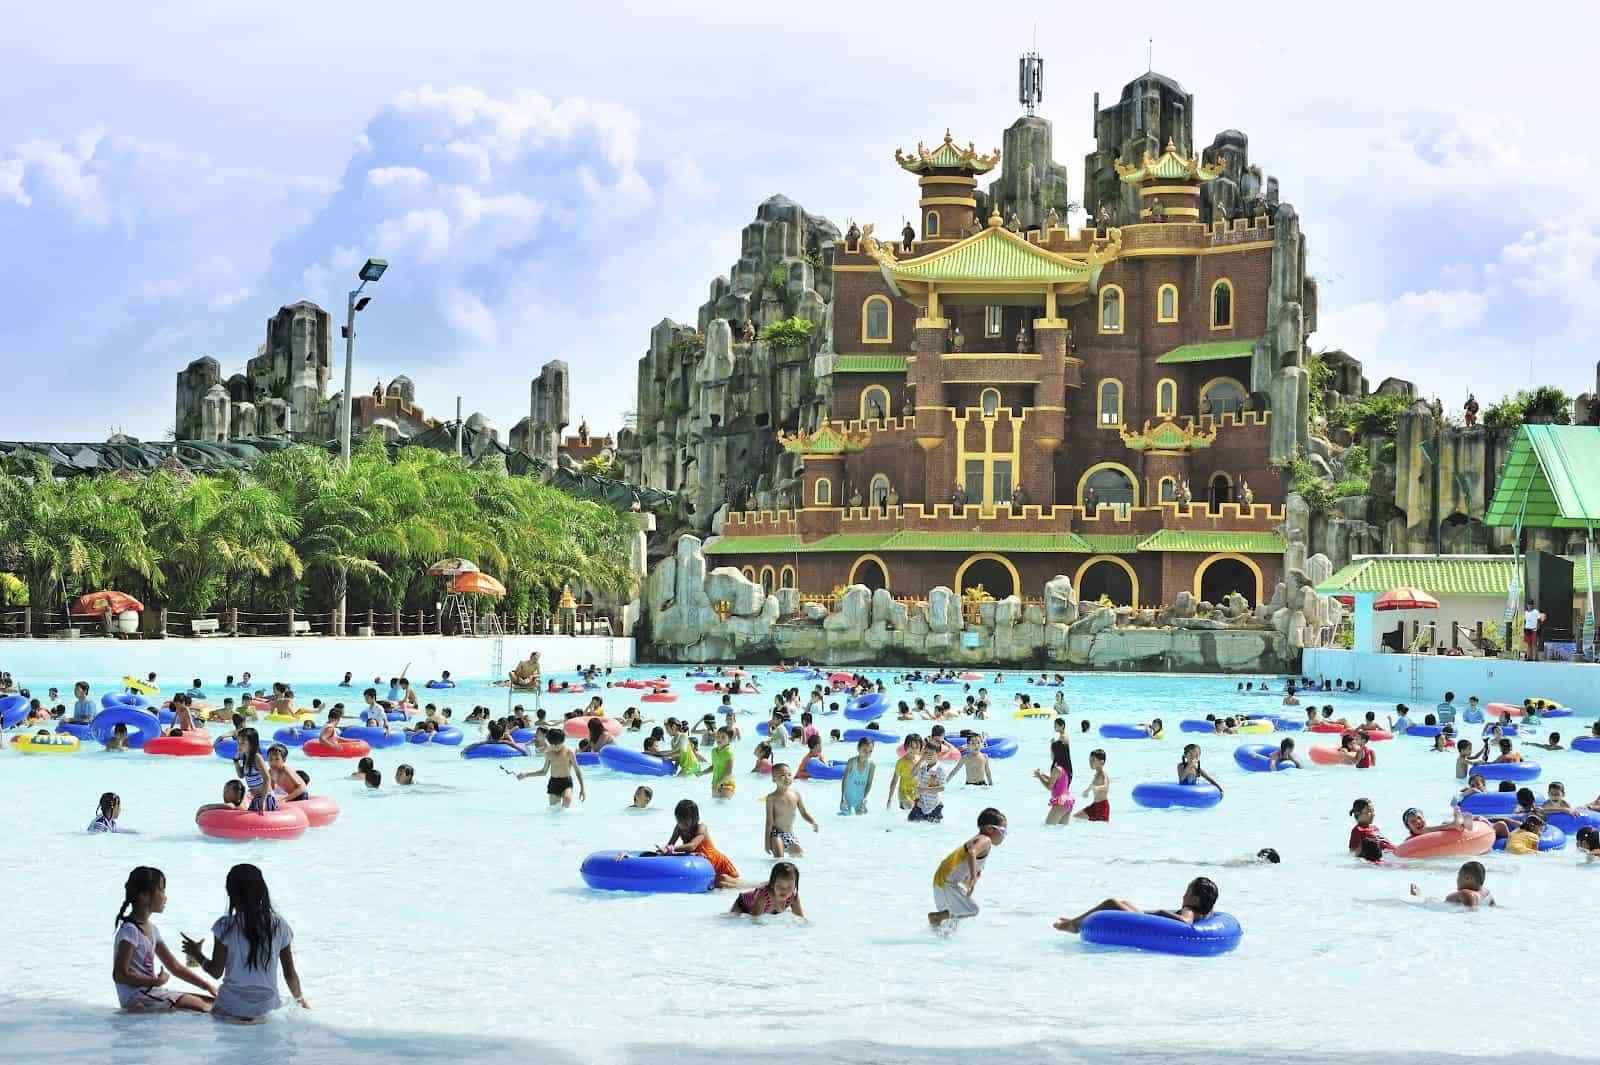 Vào các mùa du lịch, nơi đây thu hút đông đảo khách du lịch đổ về